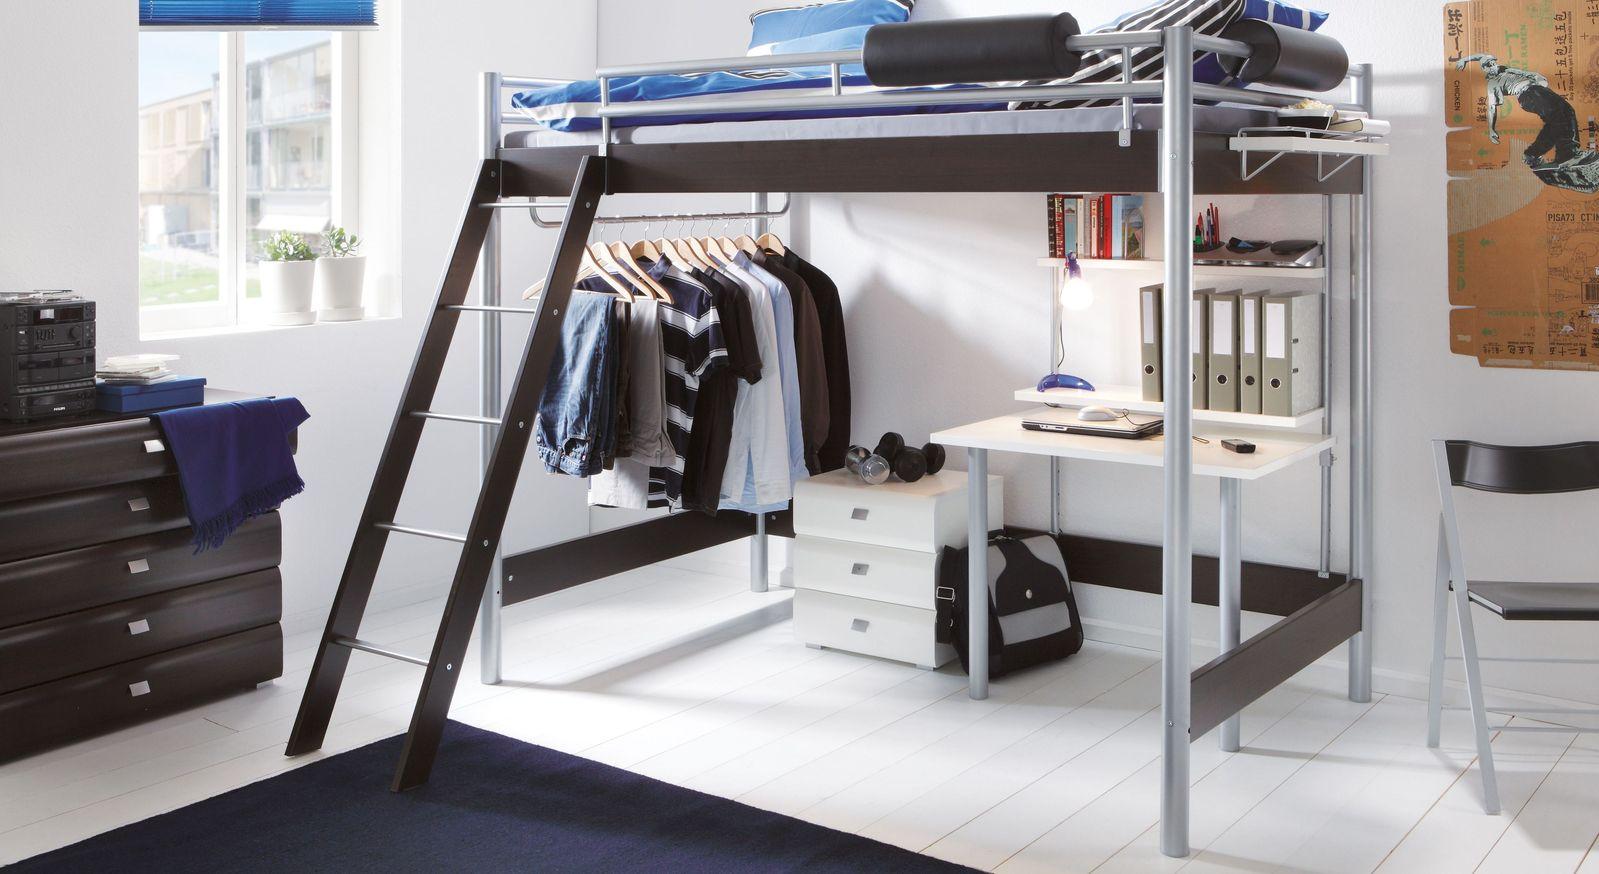 Etagenbett Hochbett Aus Metall : Hochbett für erwachsene mit schreibtisch und kleiderstange finn